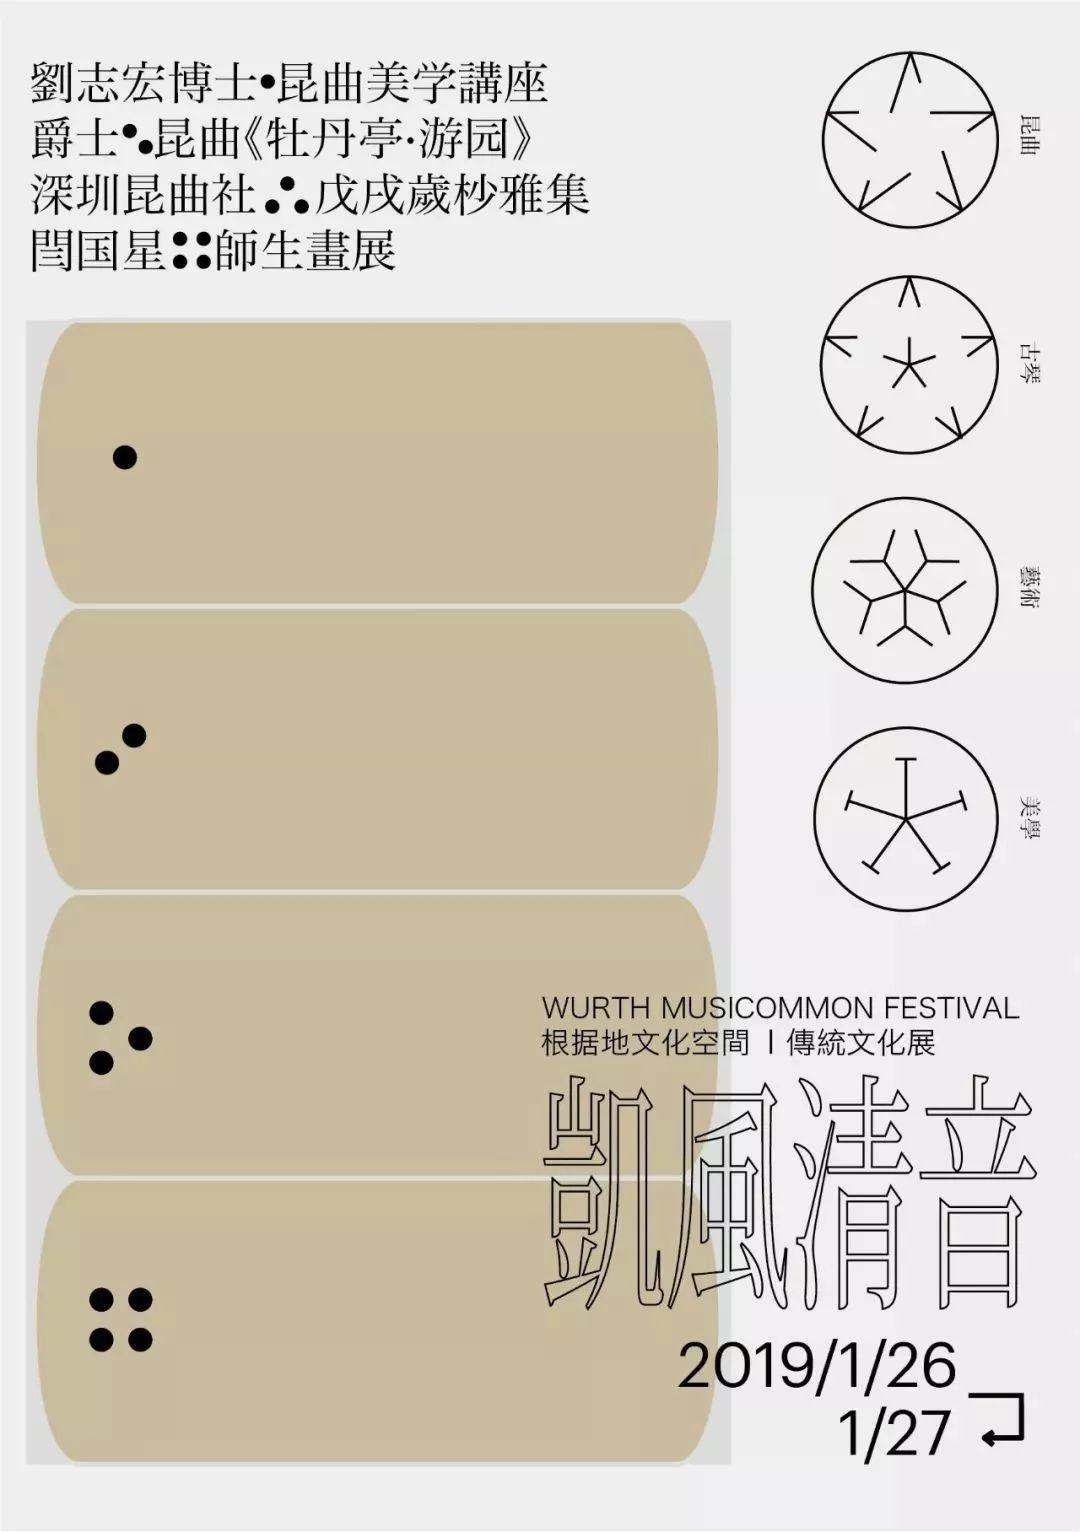 中文海报设计系列